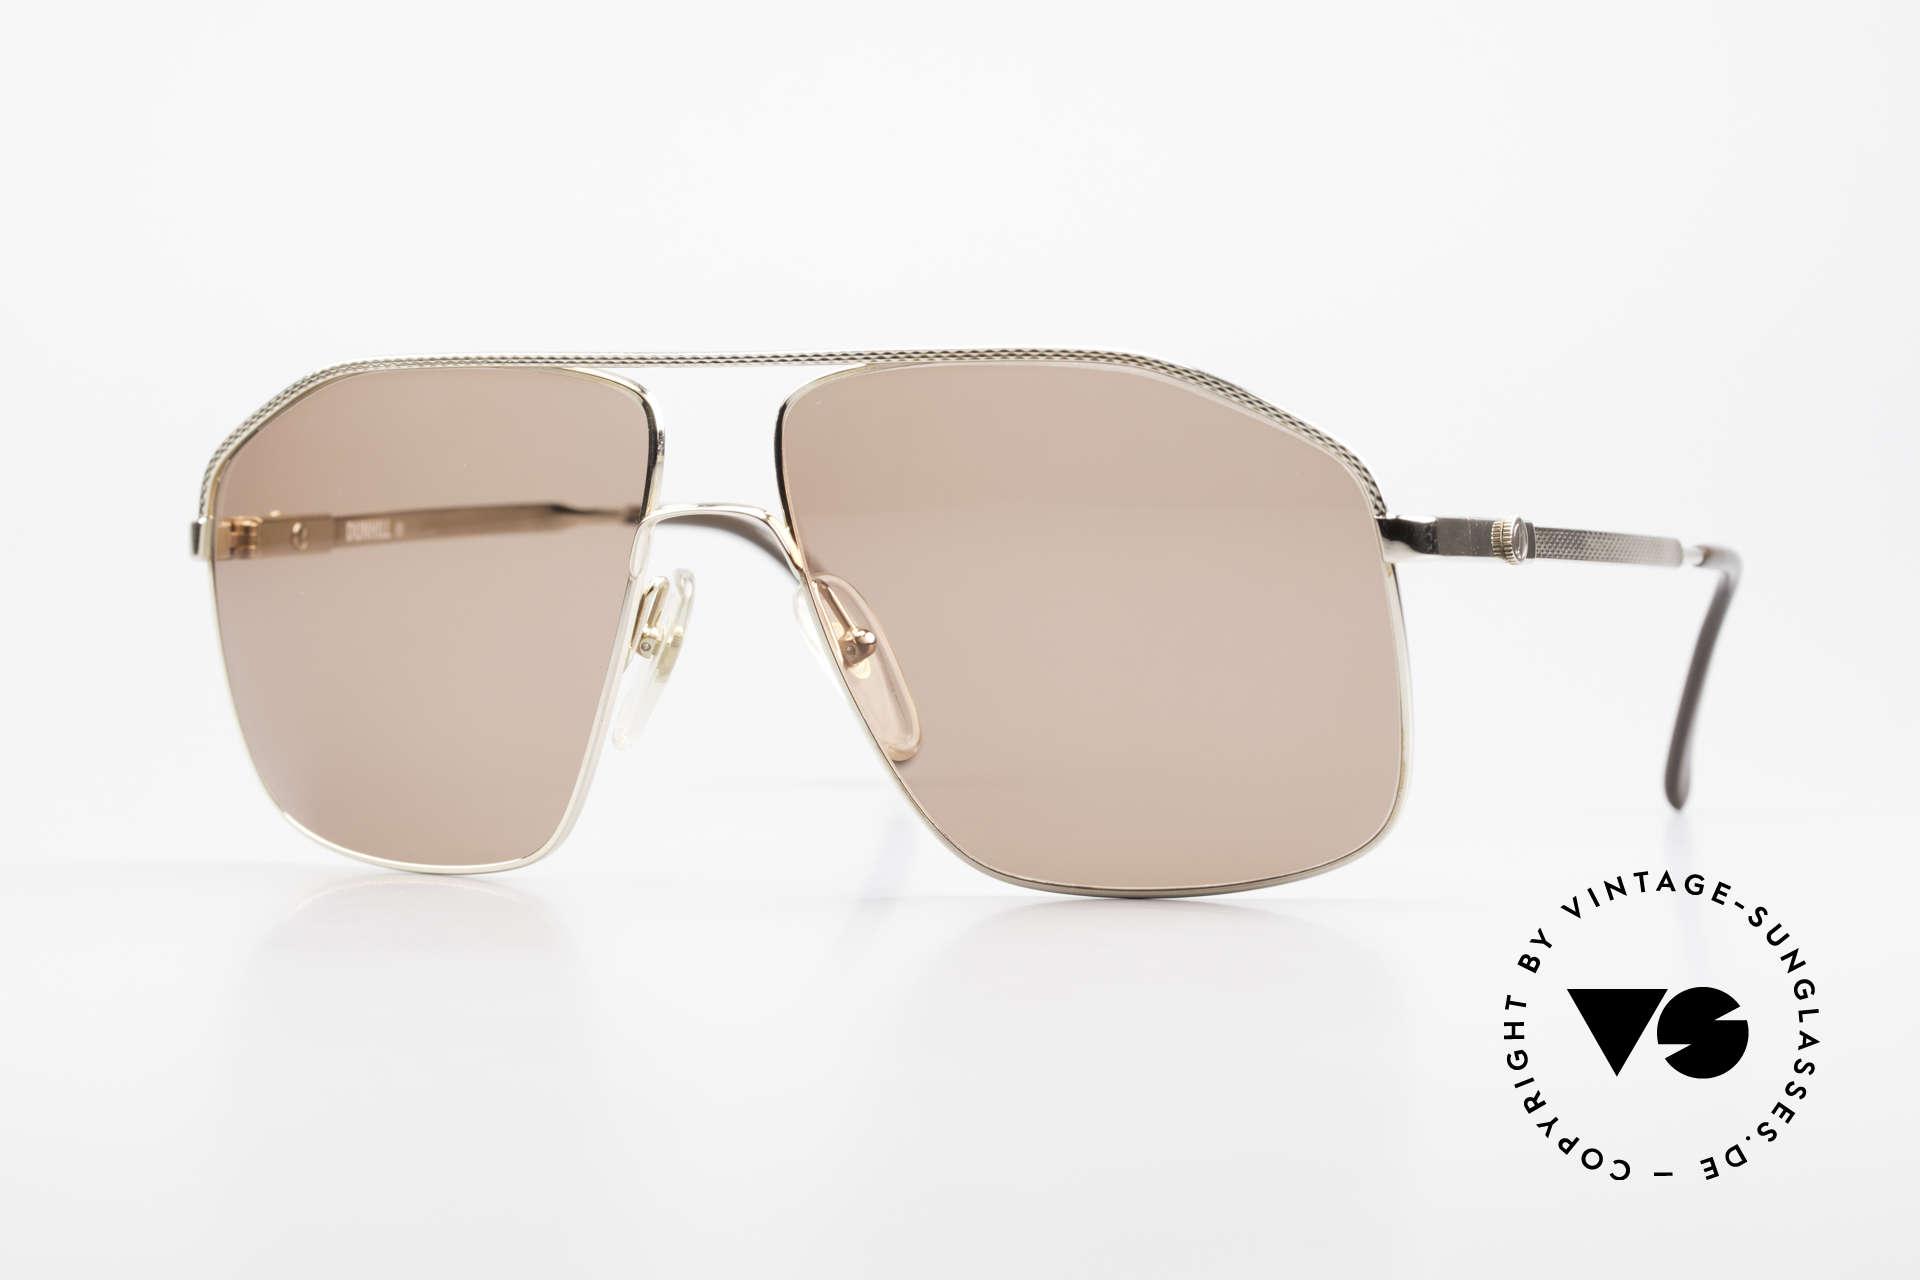 Dunhill 6104 Vergoldete Vintage Brille 90er, extrem aufwendige Metallarbeiten an der Fassung, Passend für Herren